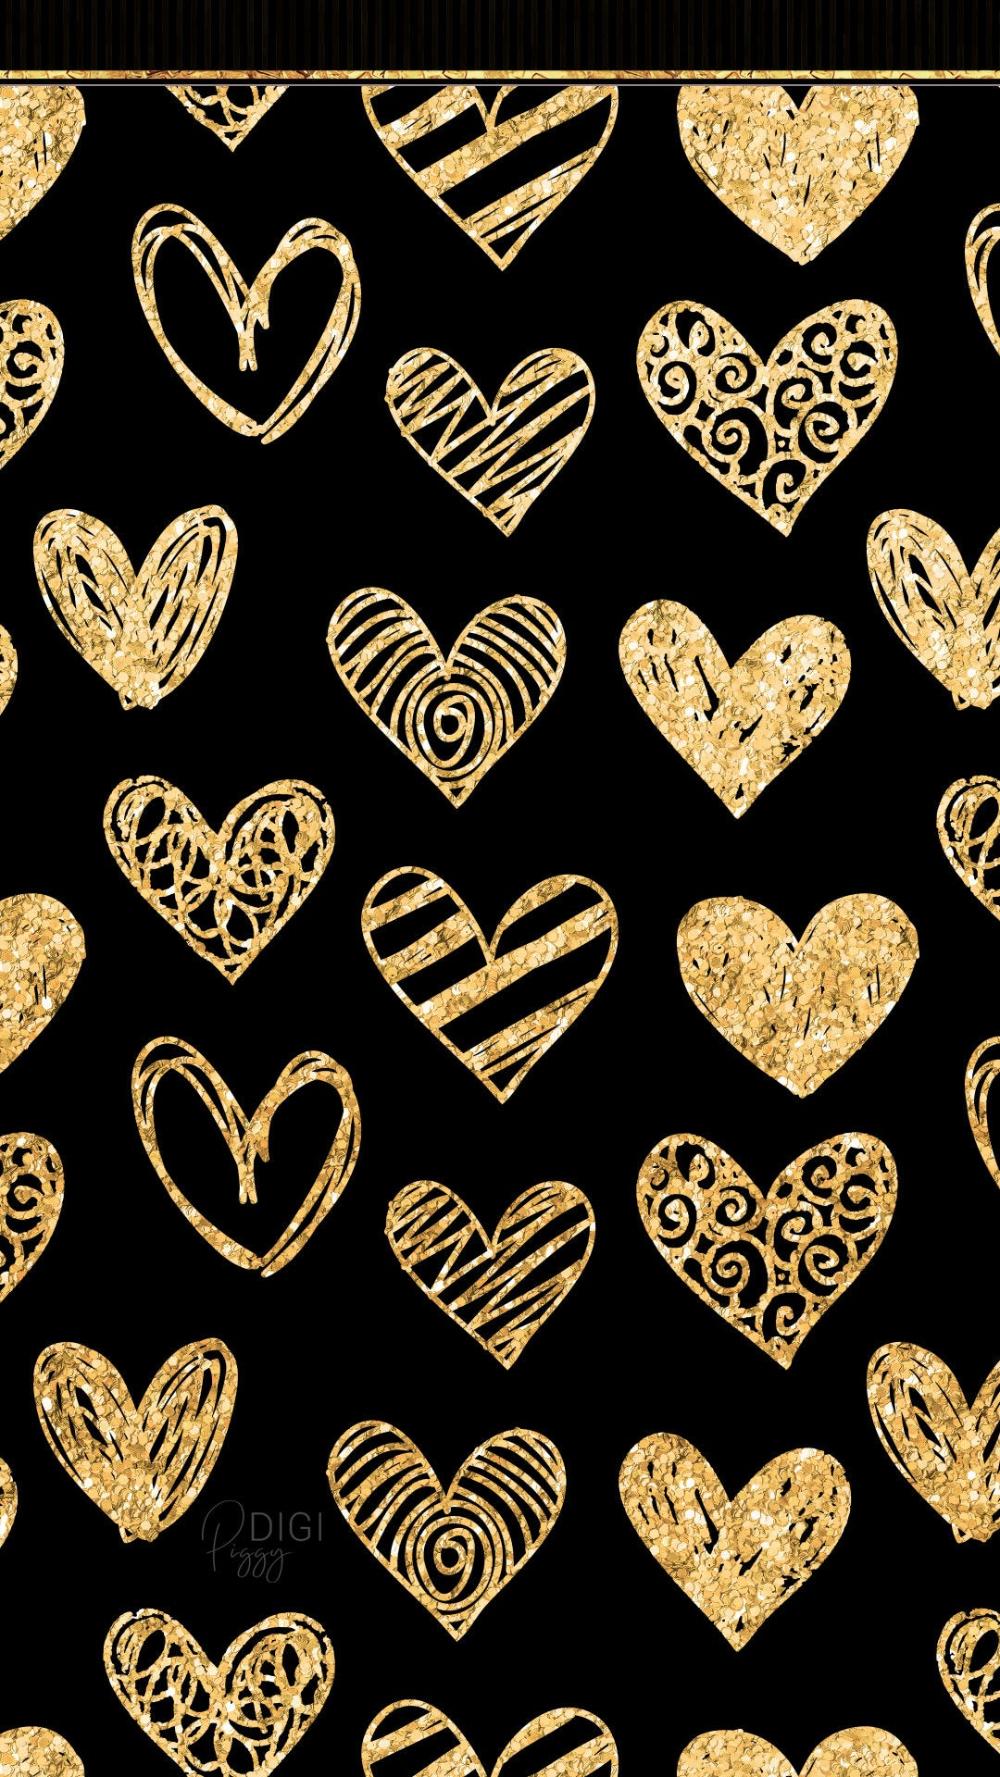 Votre Endroit Pour Acheter Et Vendre Toutes Les Choses Faites A La Main Gold Heart Wallpaper Glitter Phone Wallpaper Heart Wallpaper